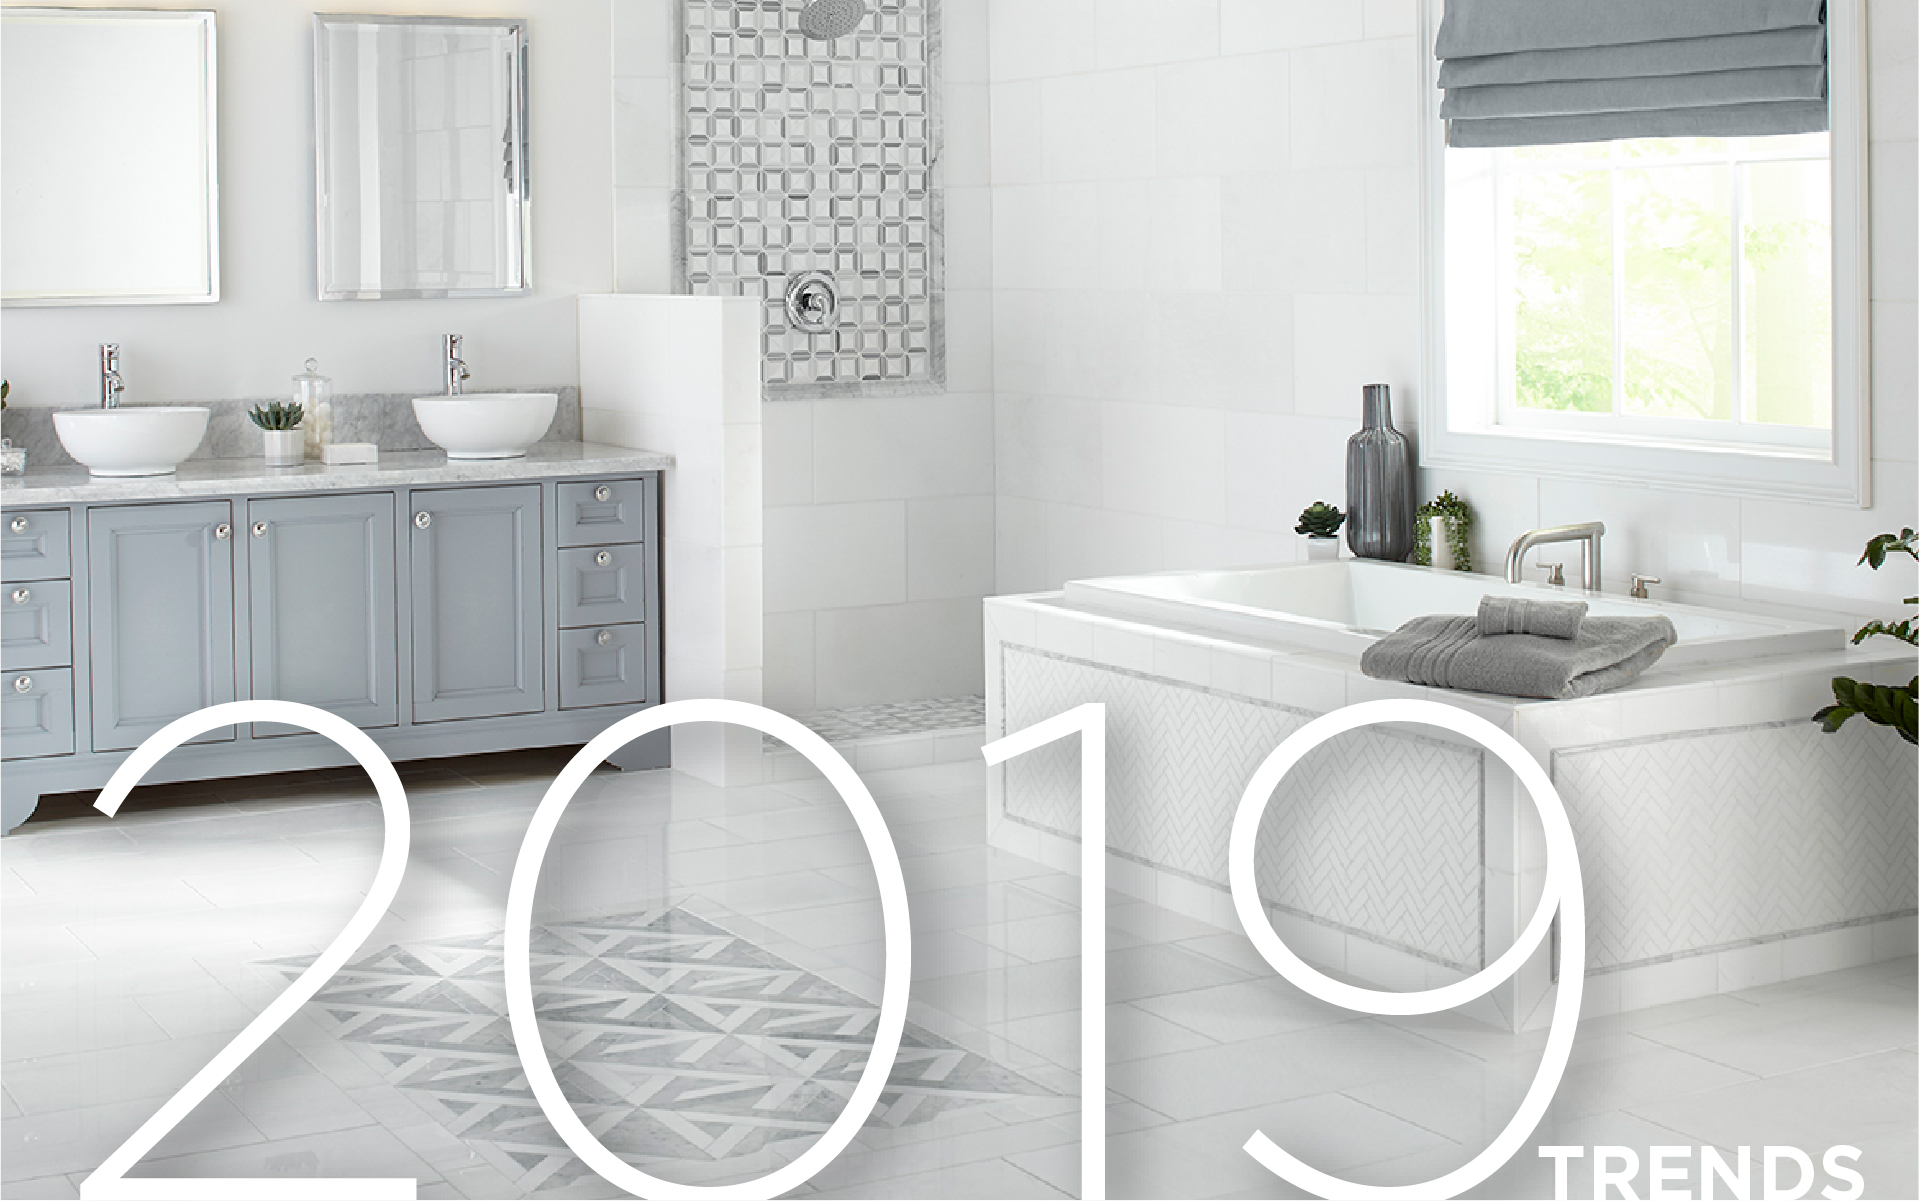 2019 Trends Floor Decor